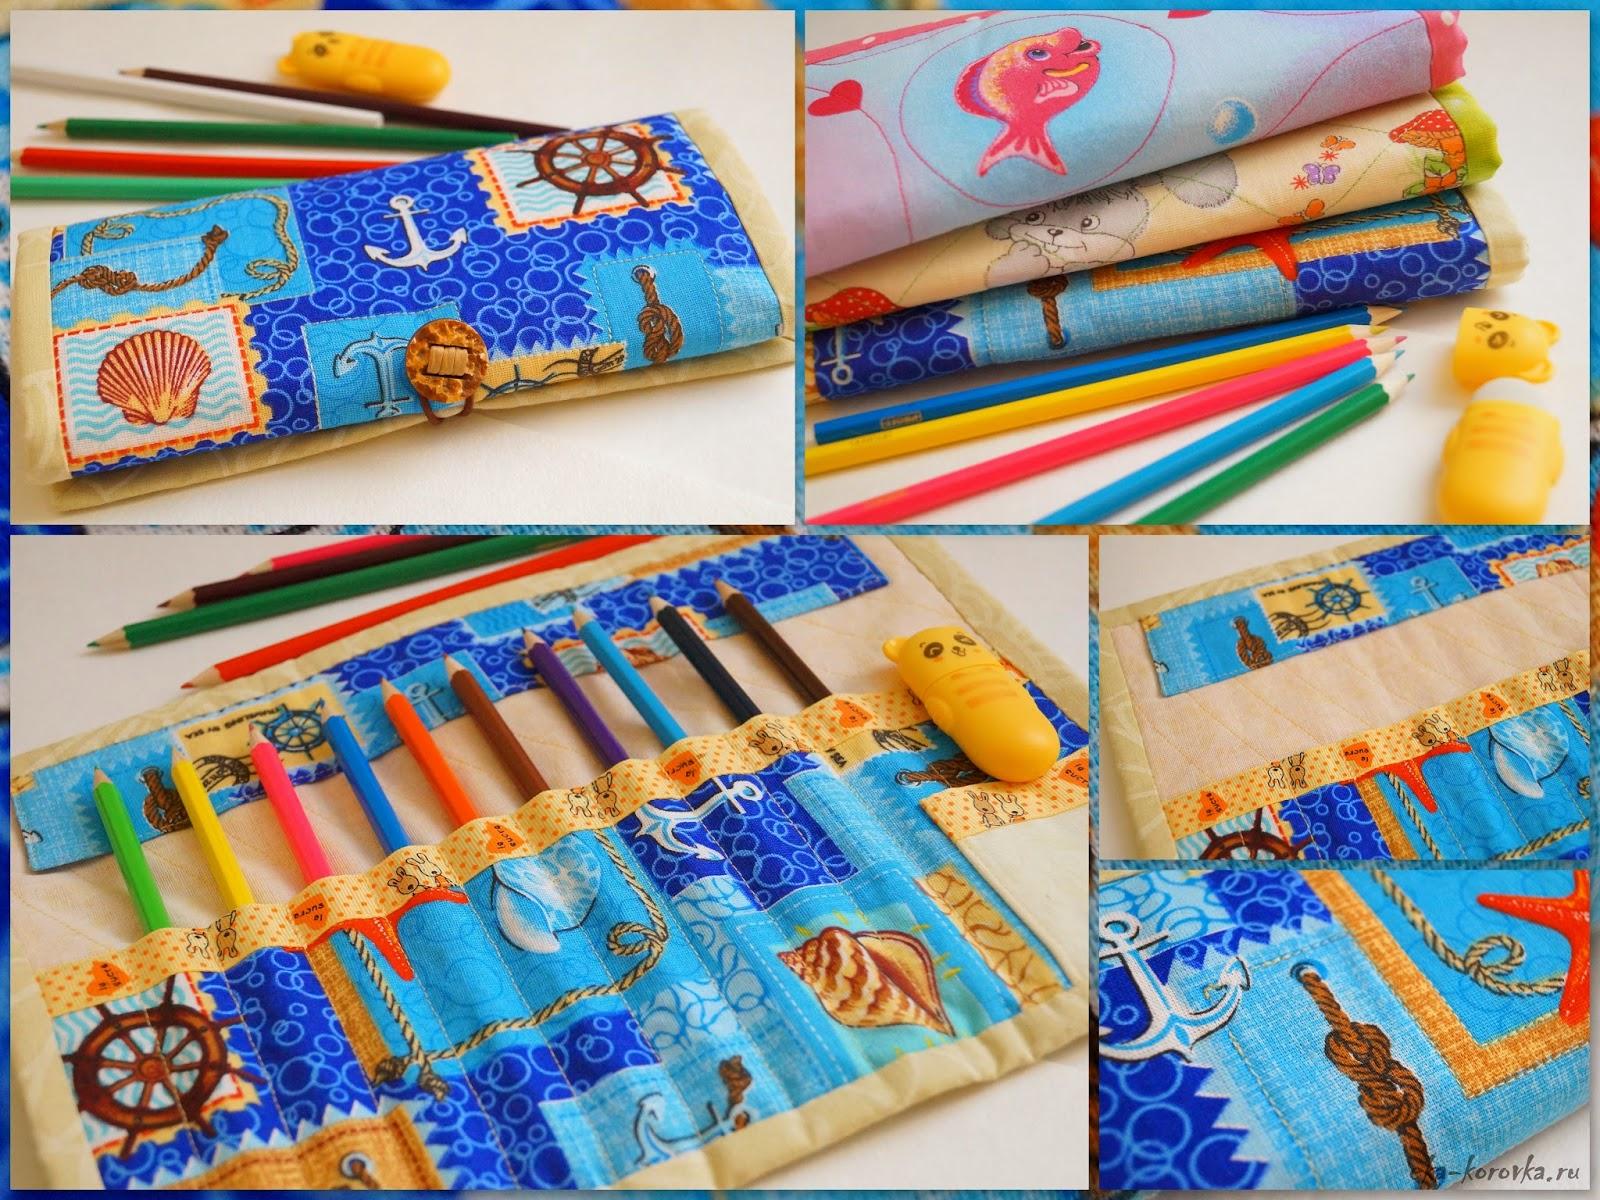 Пенал для цветных карандашей своими руками из